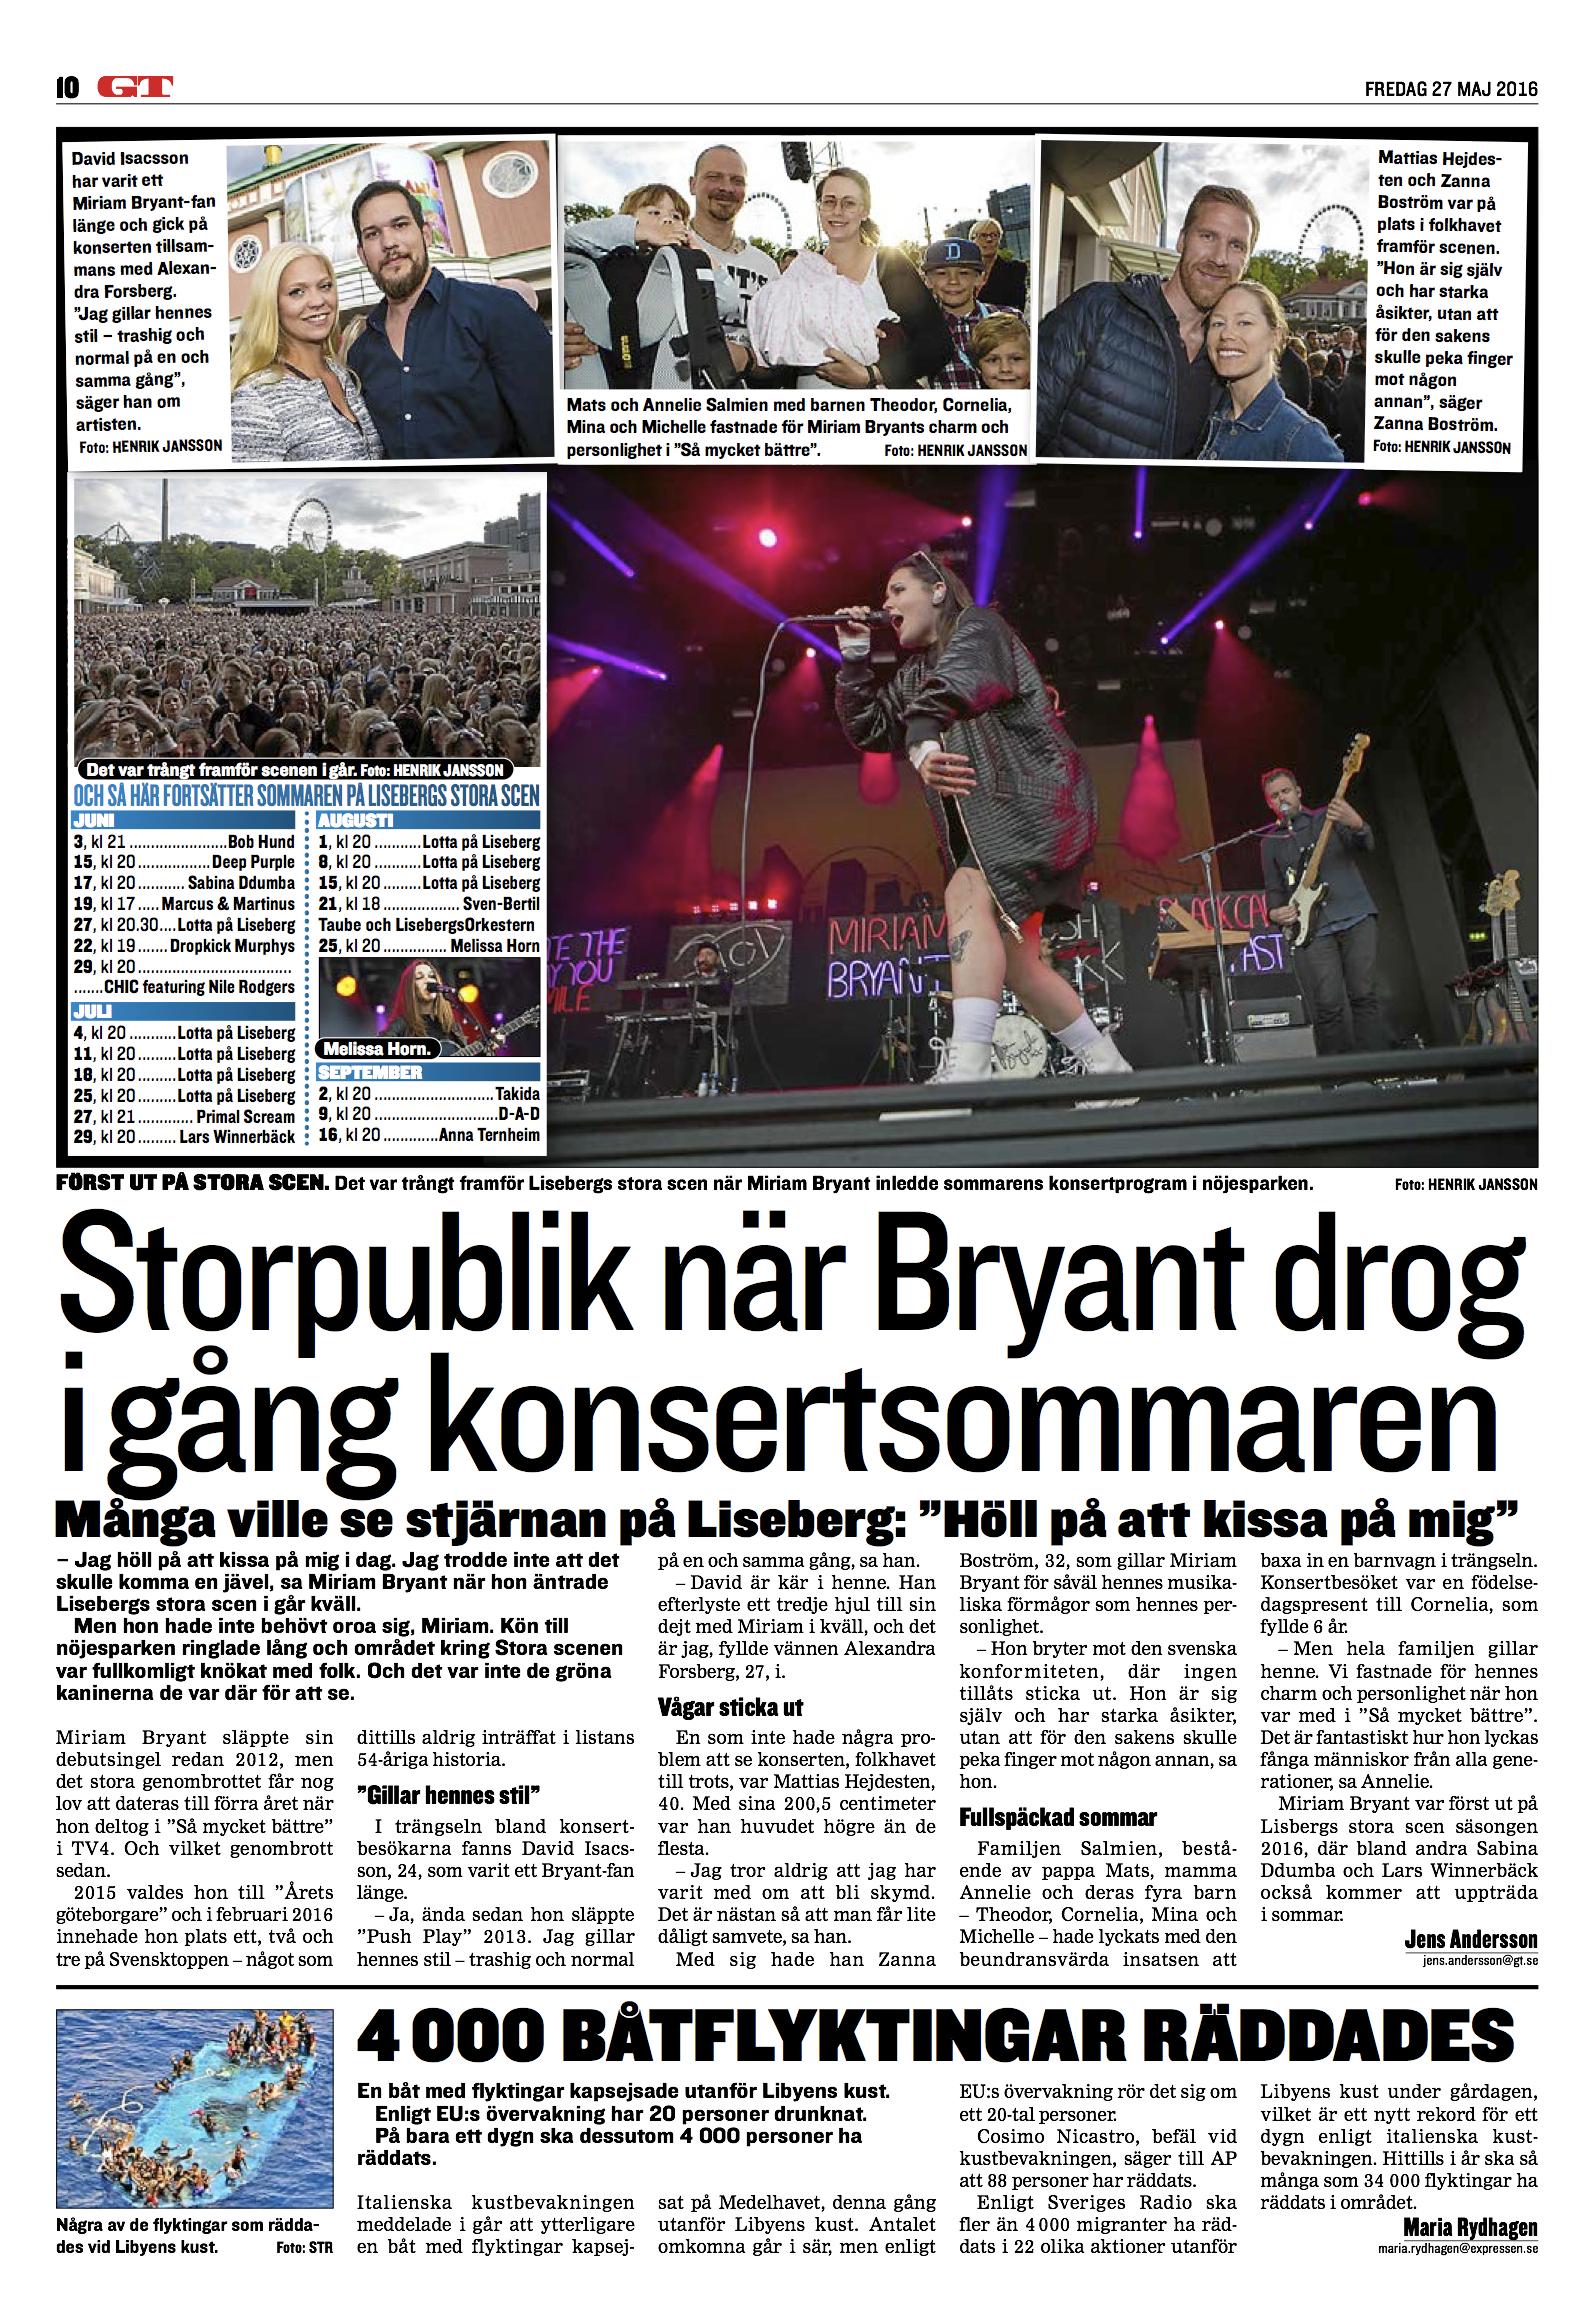 Om Liseberg i GT_maj 2016_1.jpg